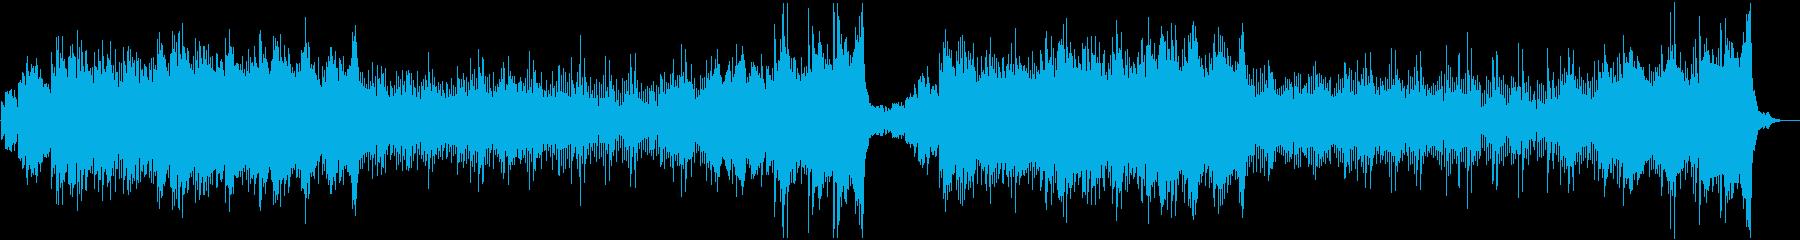 ホラー・不気味なオルゴール・ワルツの再生済みの波形